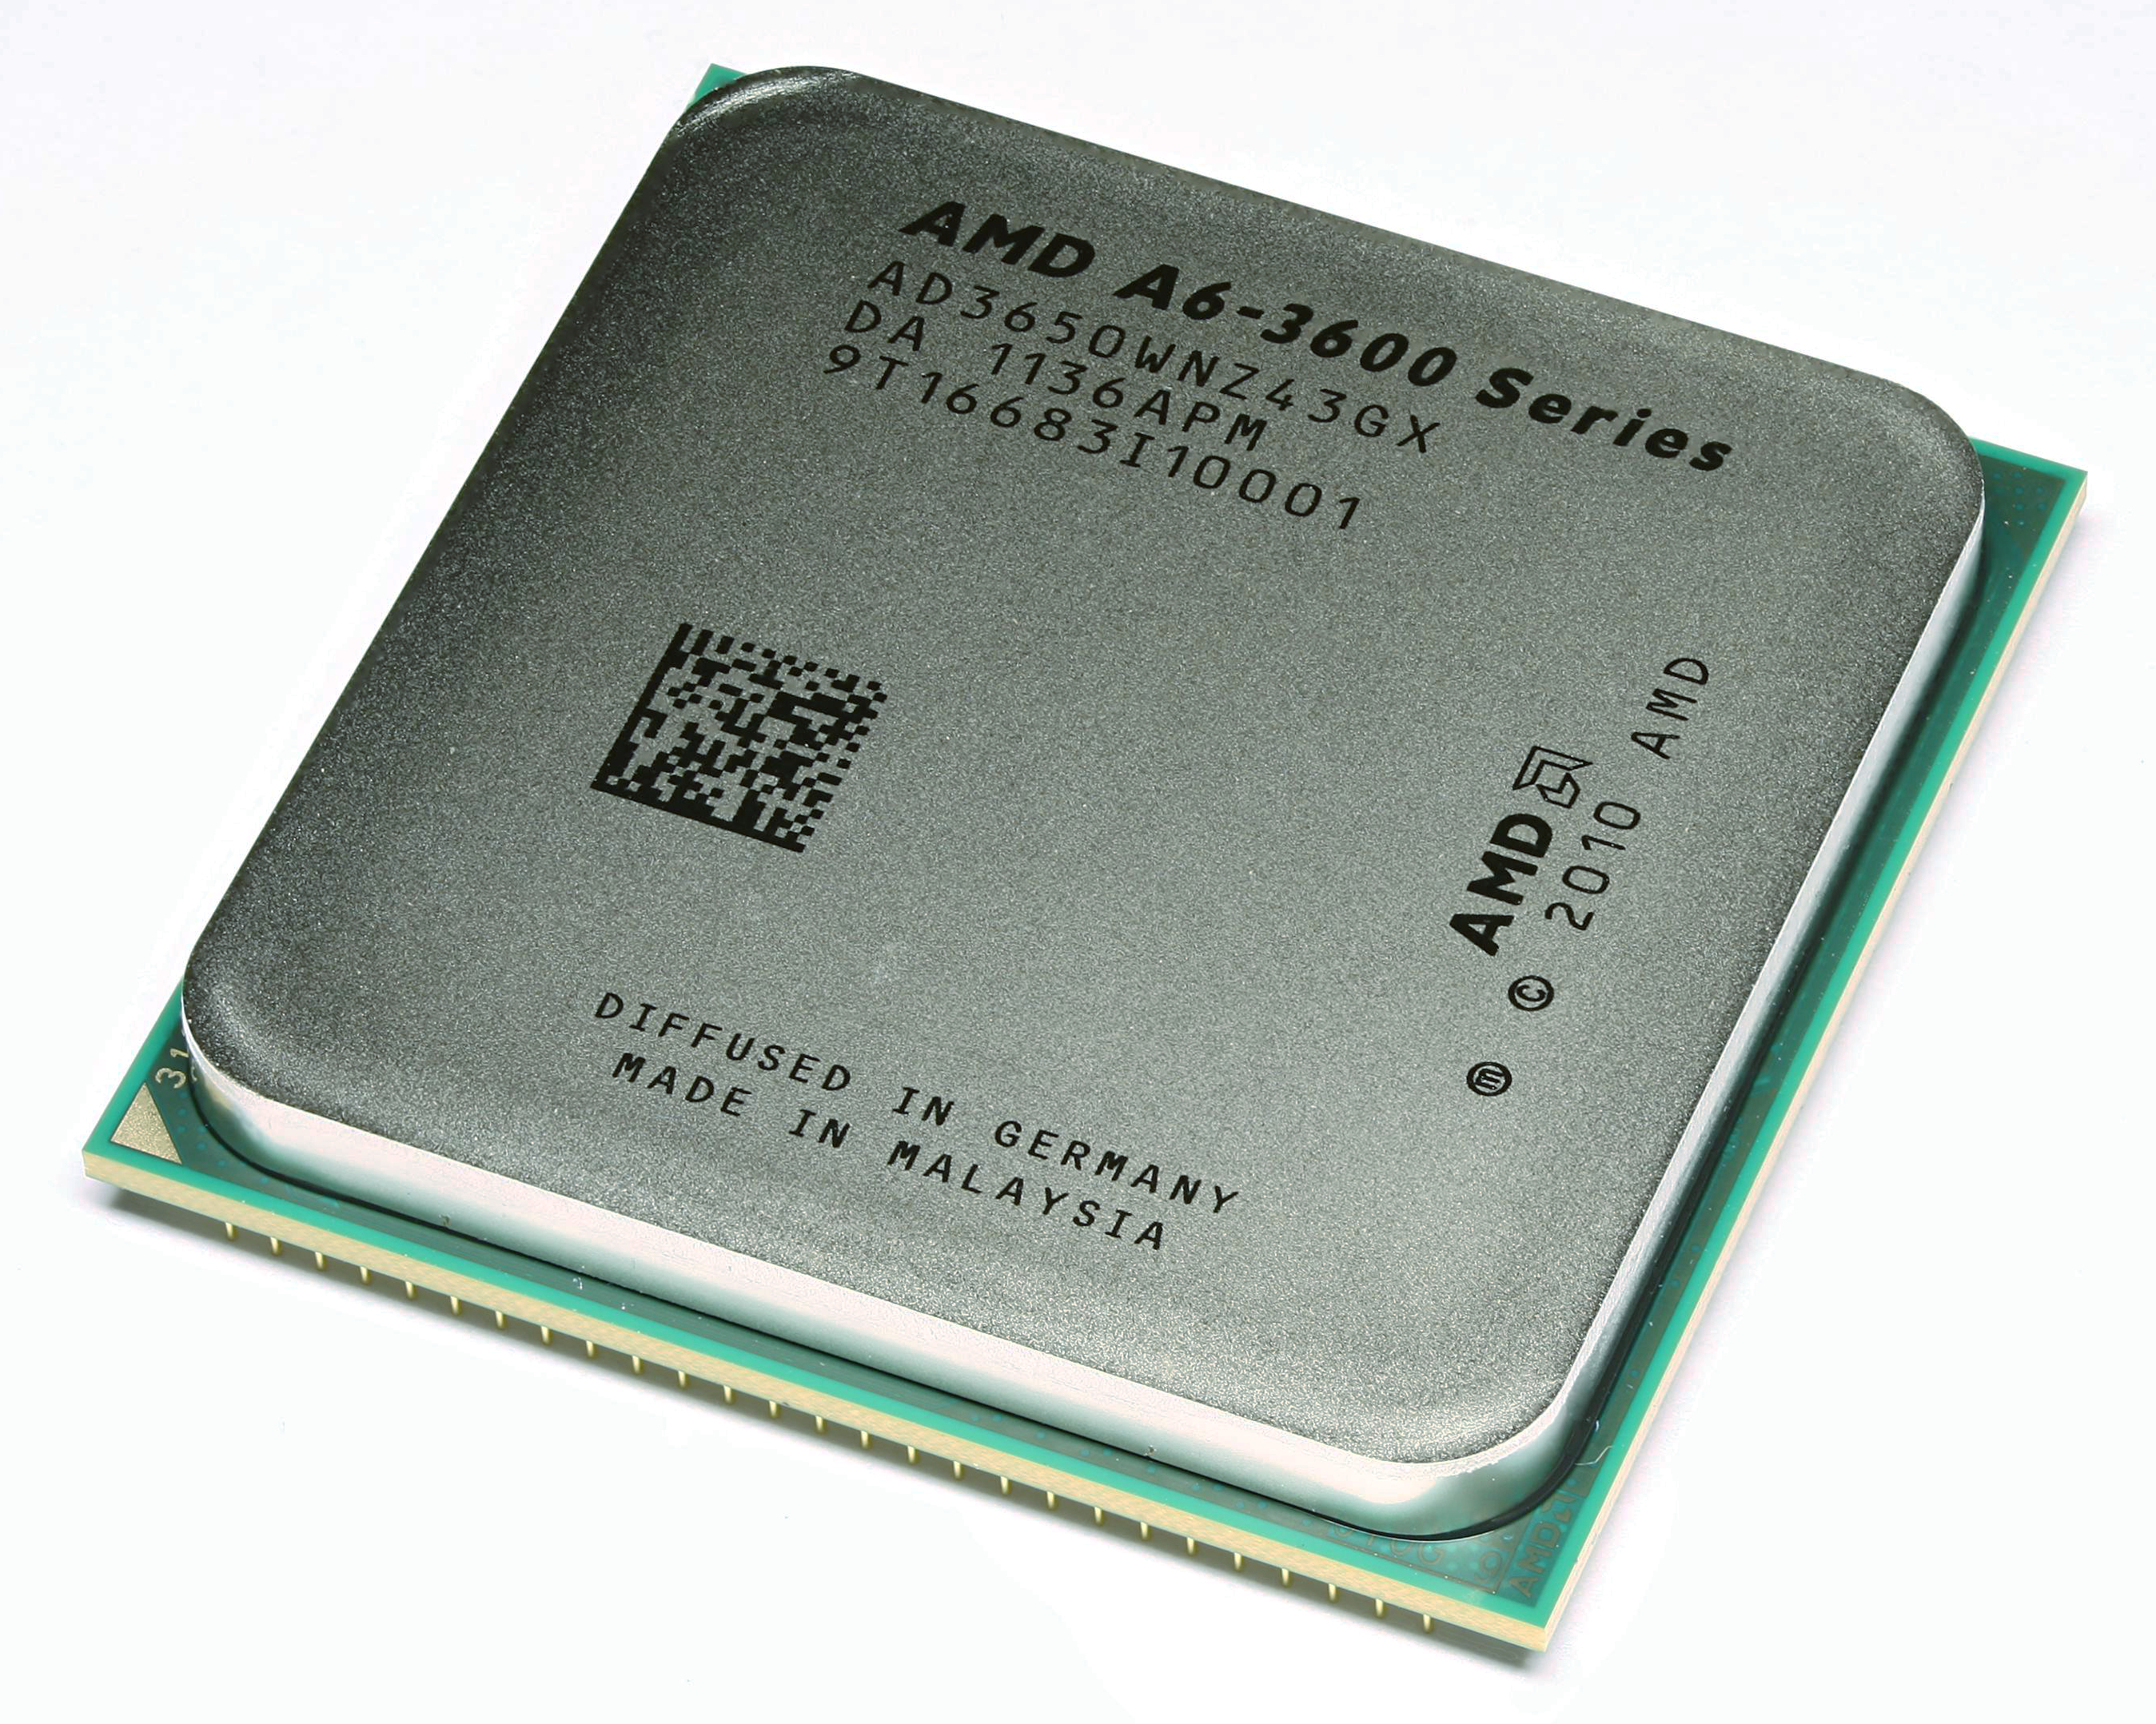 Daftar Harga Prosesor AMD FM1 Terbaru Februari 2013